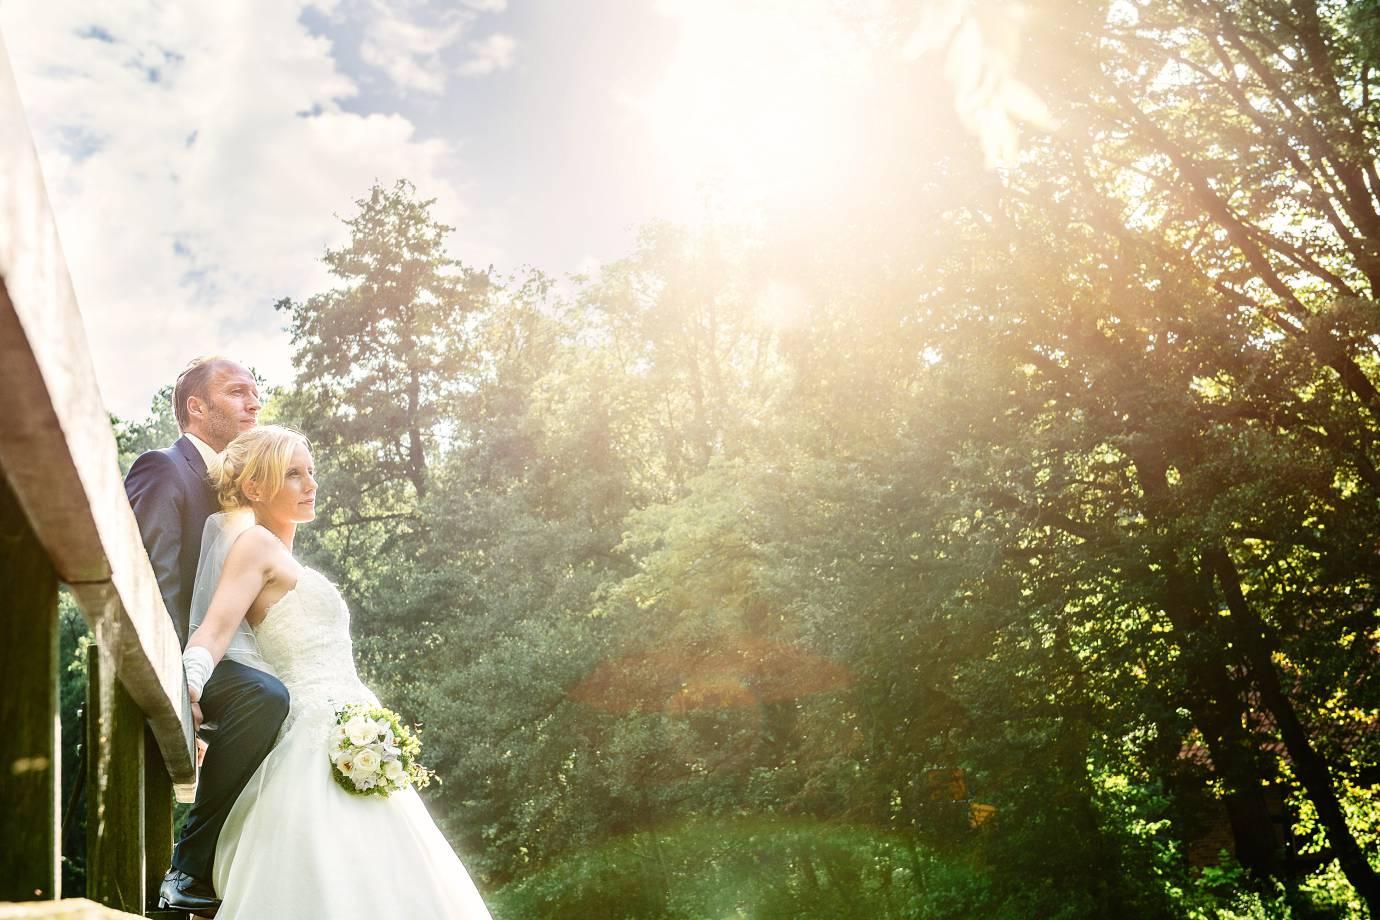 hochzeitsfotograf kirchseelte 102 - Sabrina+Lars